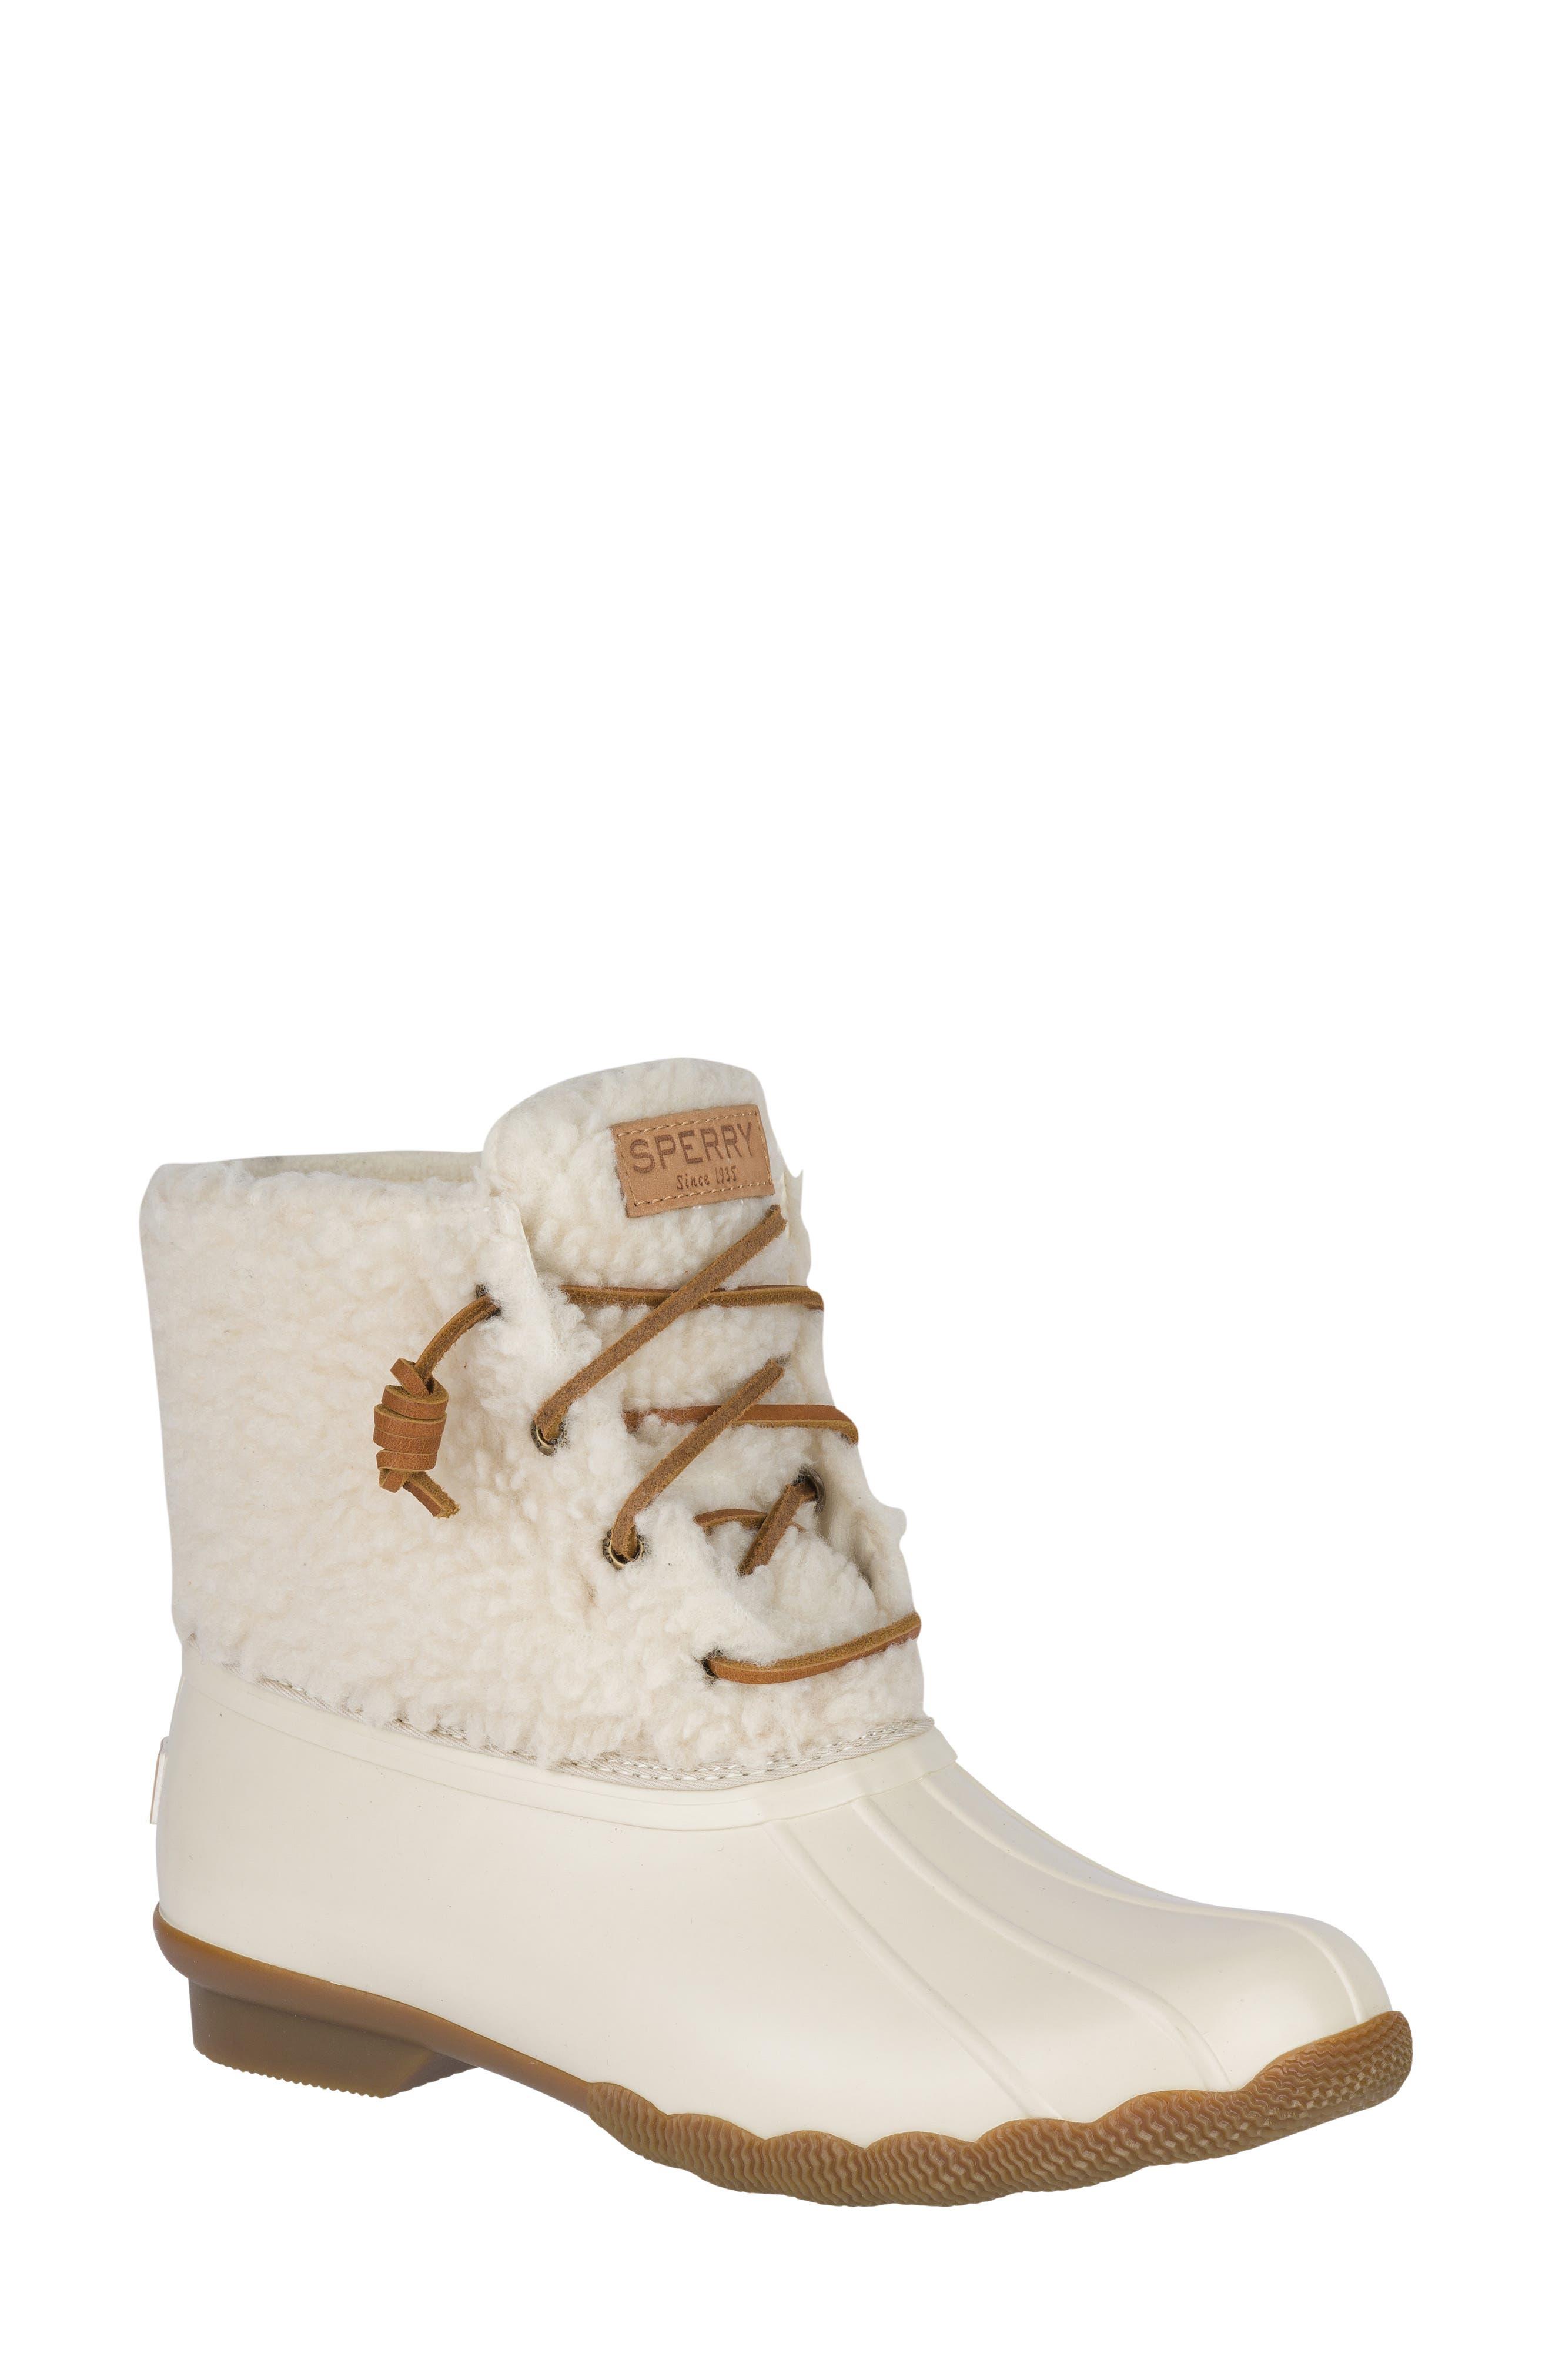 Women's Snow Boots Nordstrom  Nordstrom